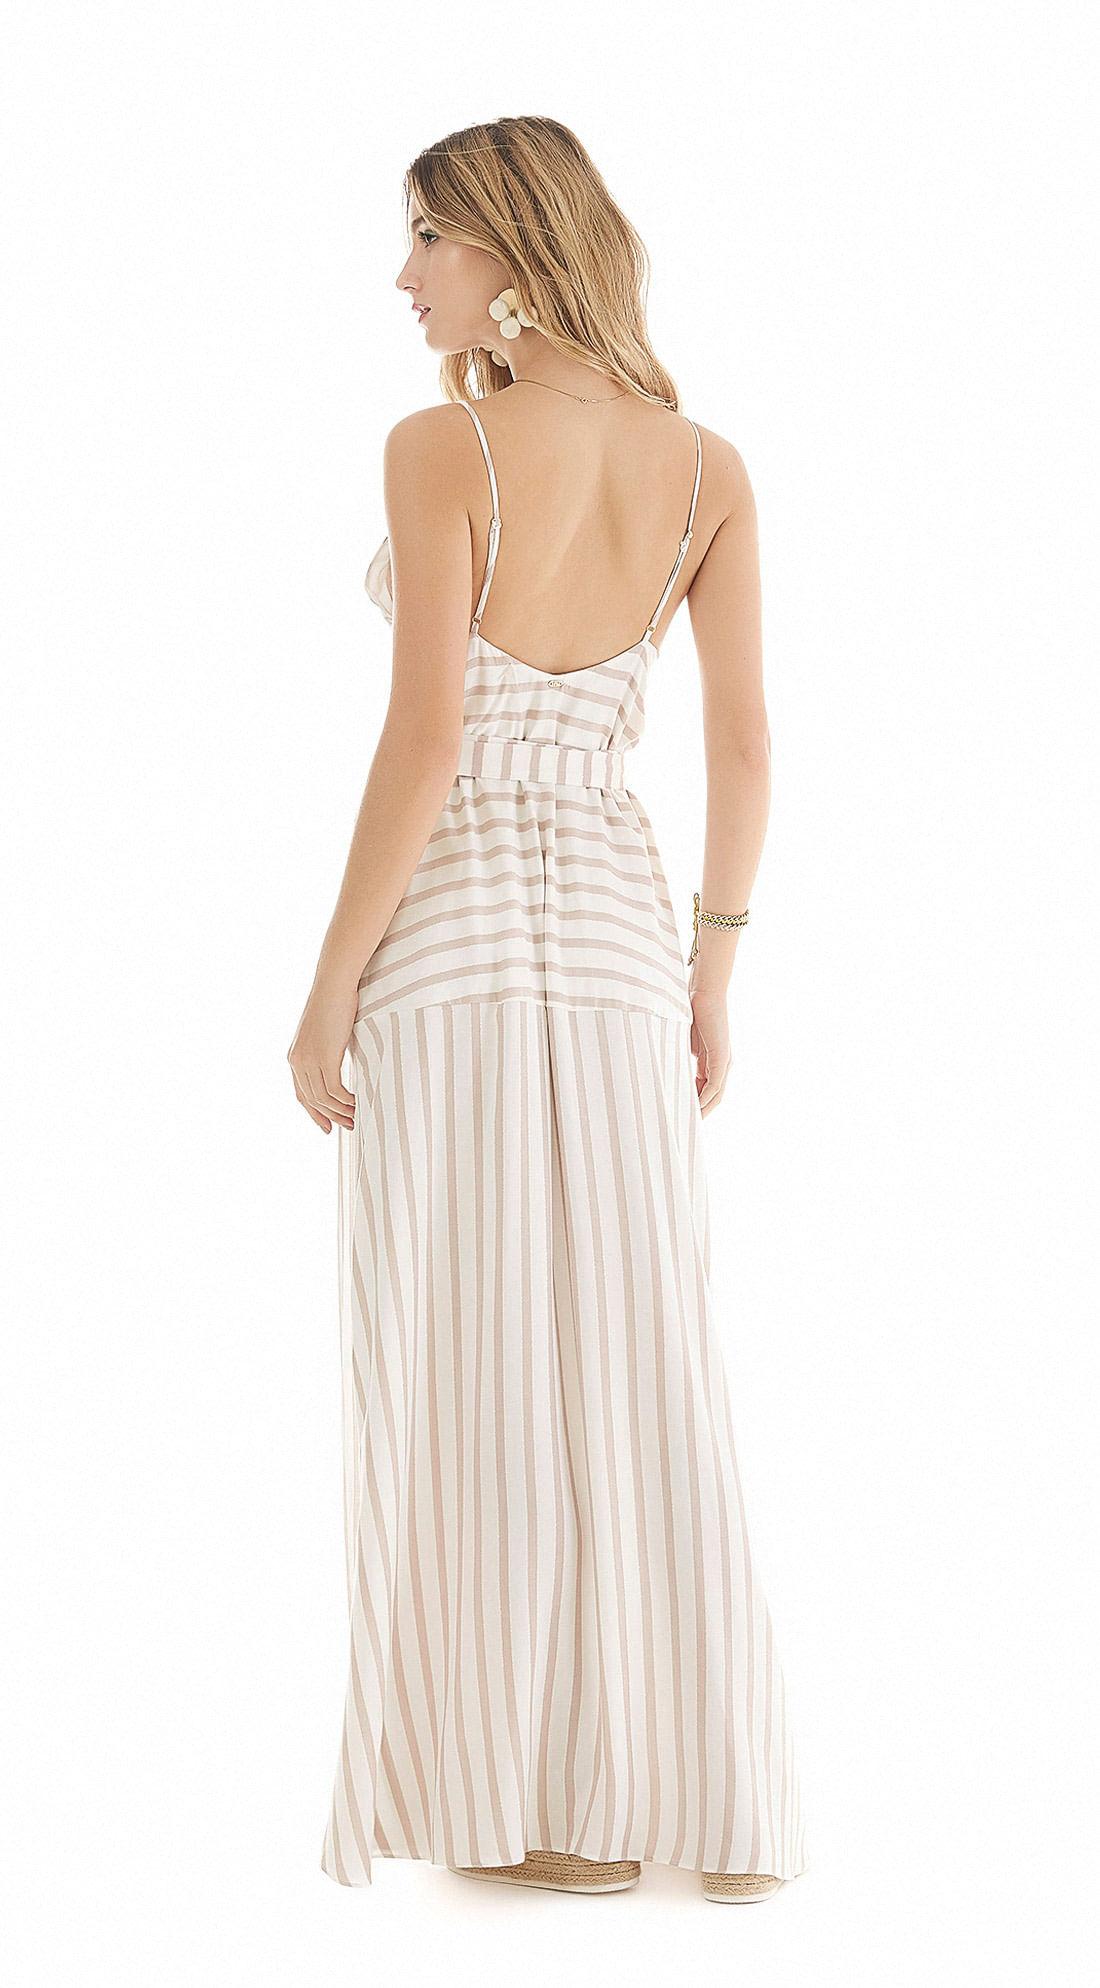 472259464695 Vestido Longo Decote V Transpasse Frente Nude - Zinco